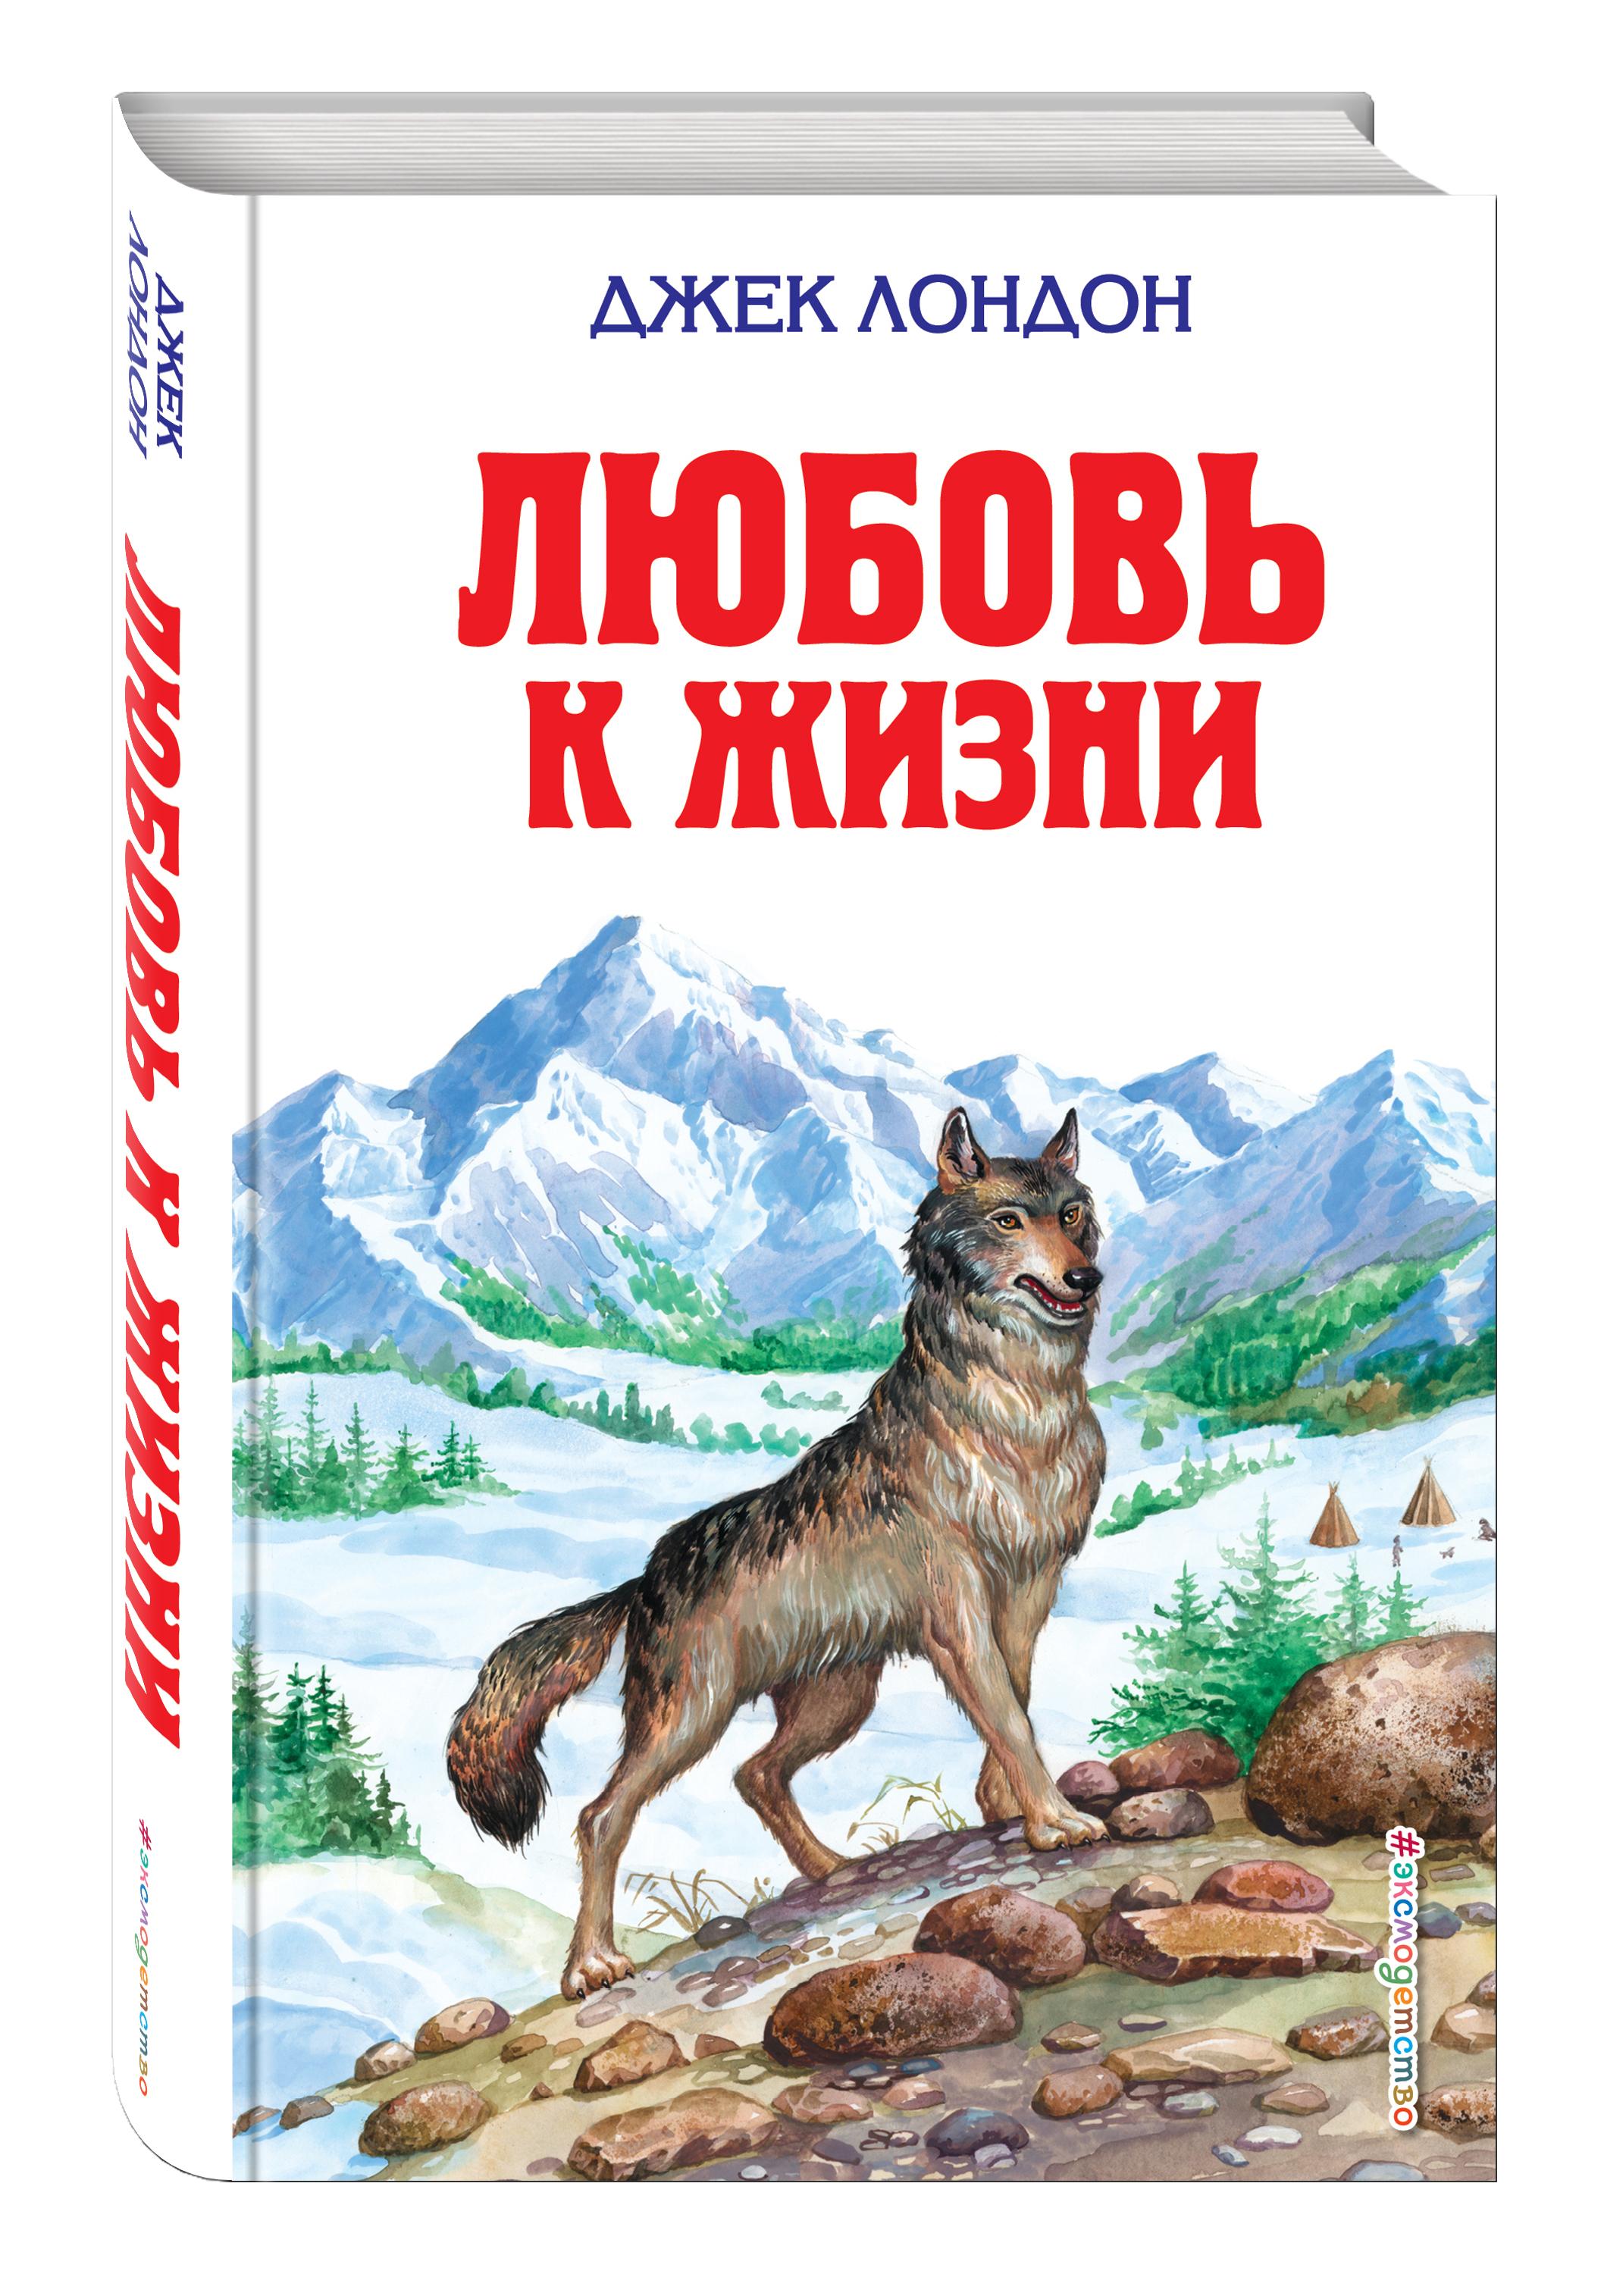 Джек Лондон Любовь к жизни джек лондон белый клык любовь к жизни путешествие на ослепительном сборник